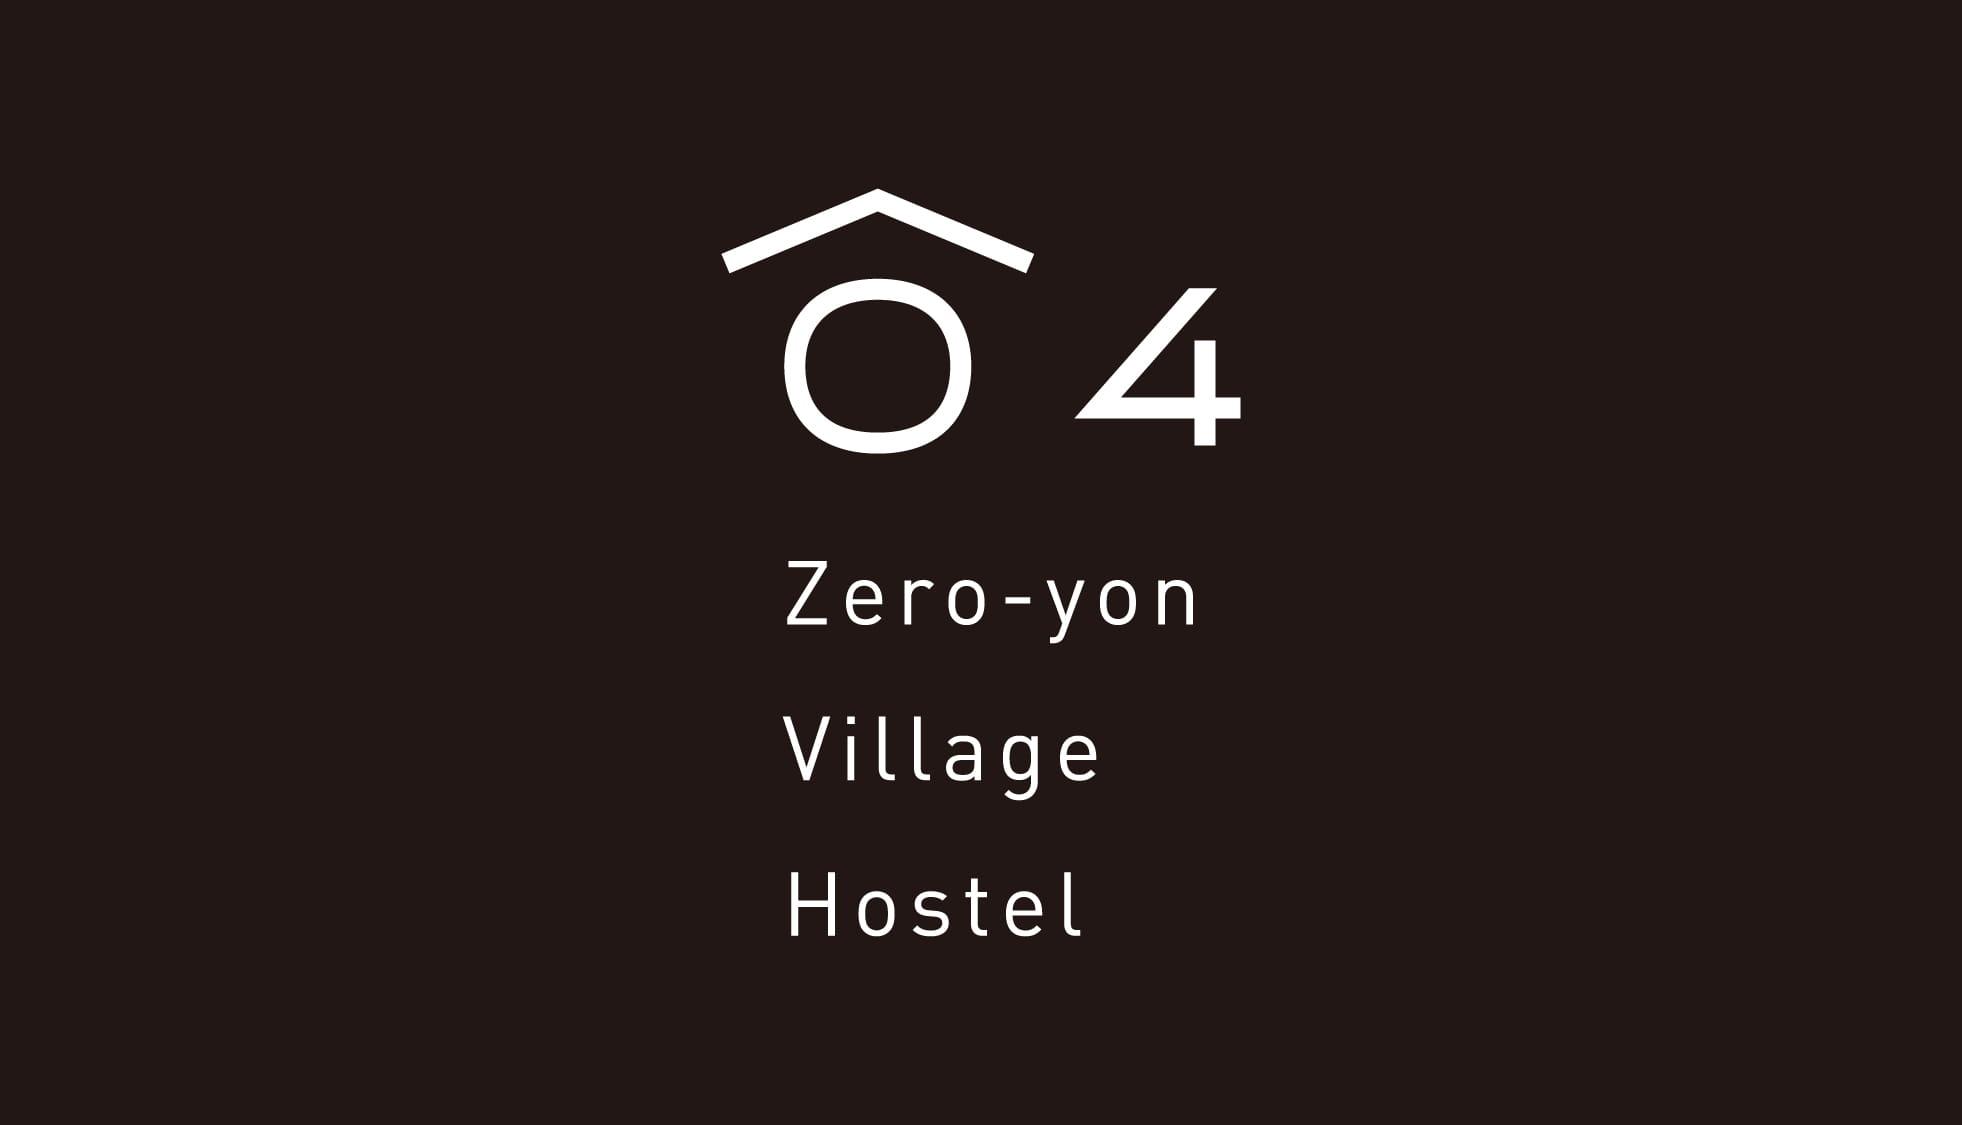 04 village hostel